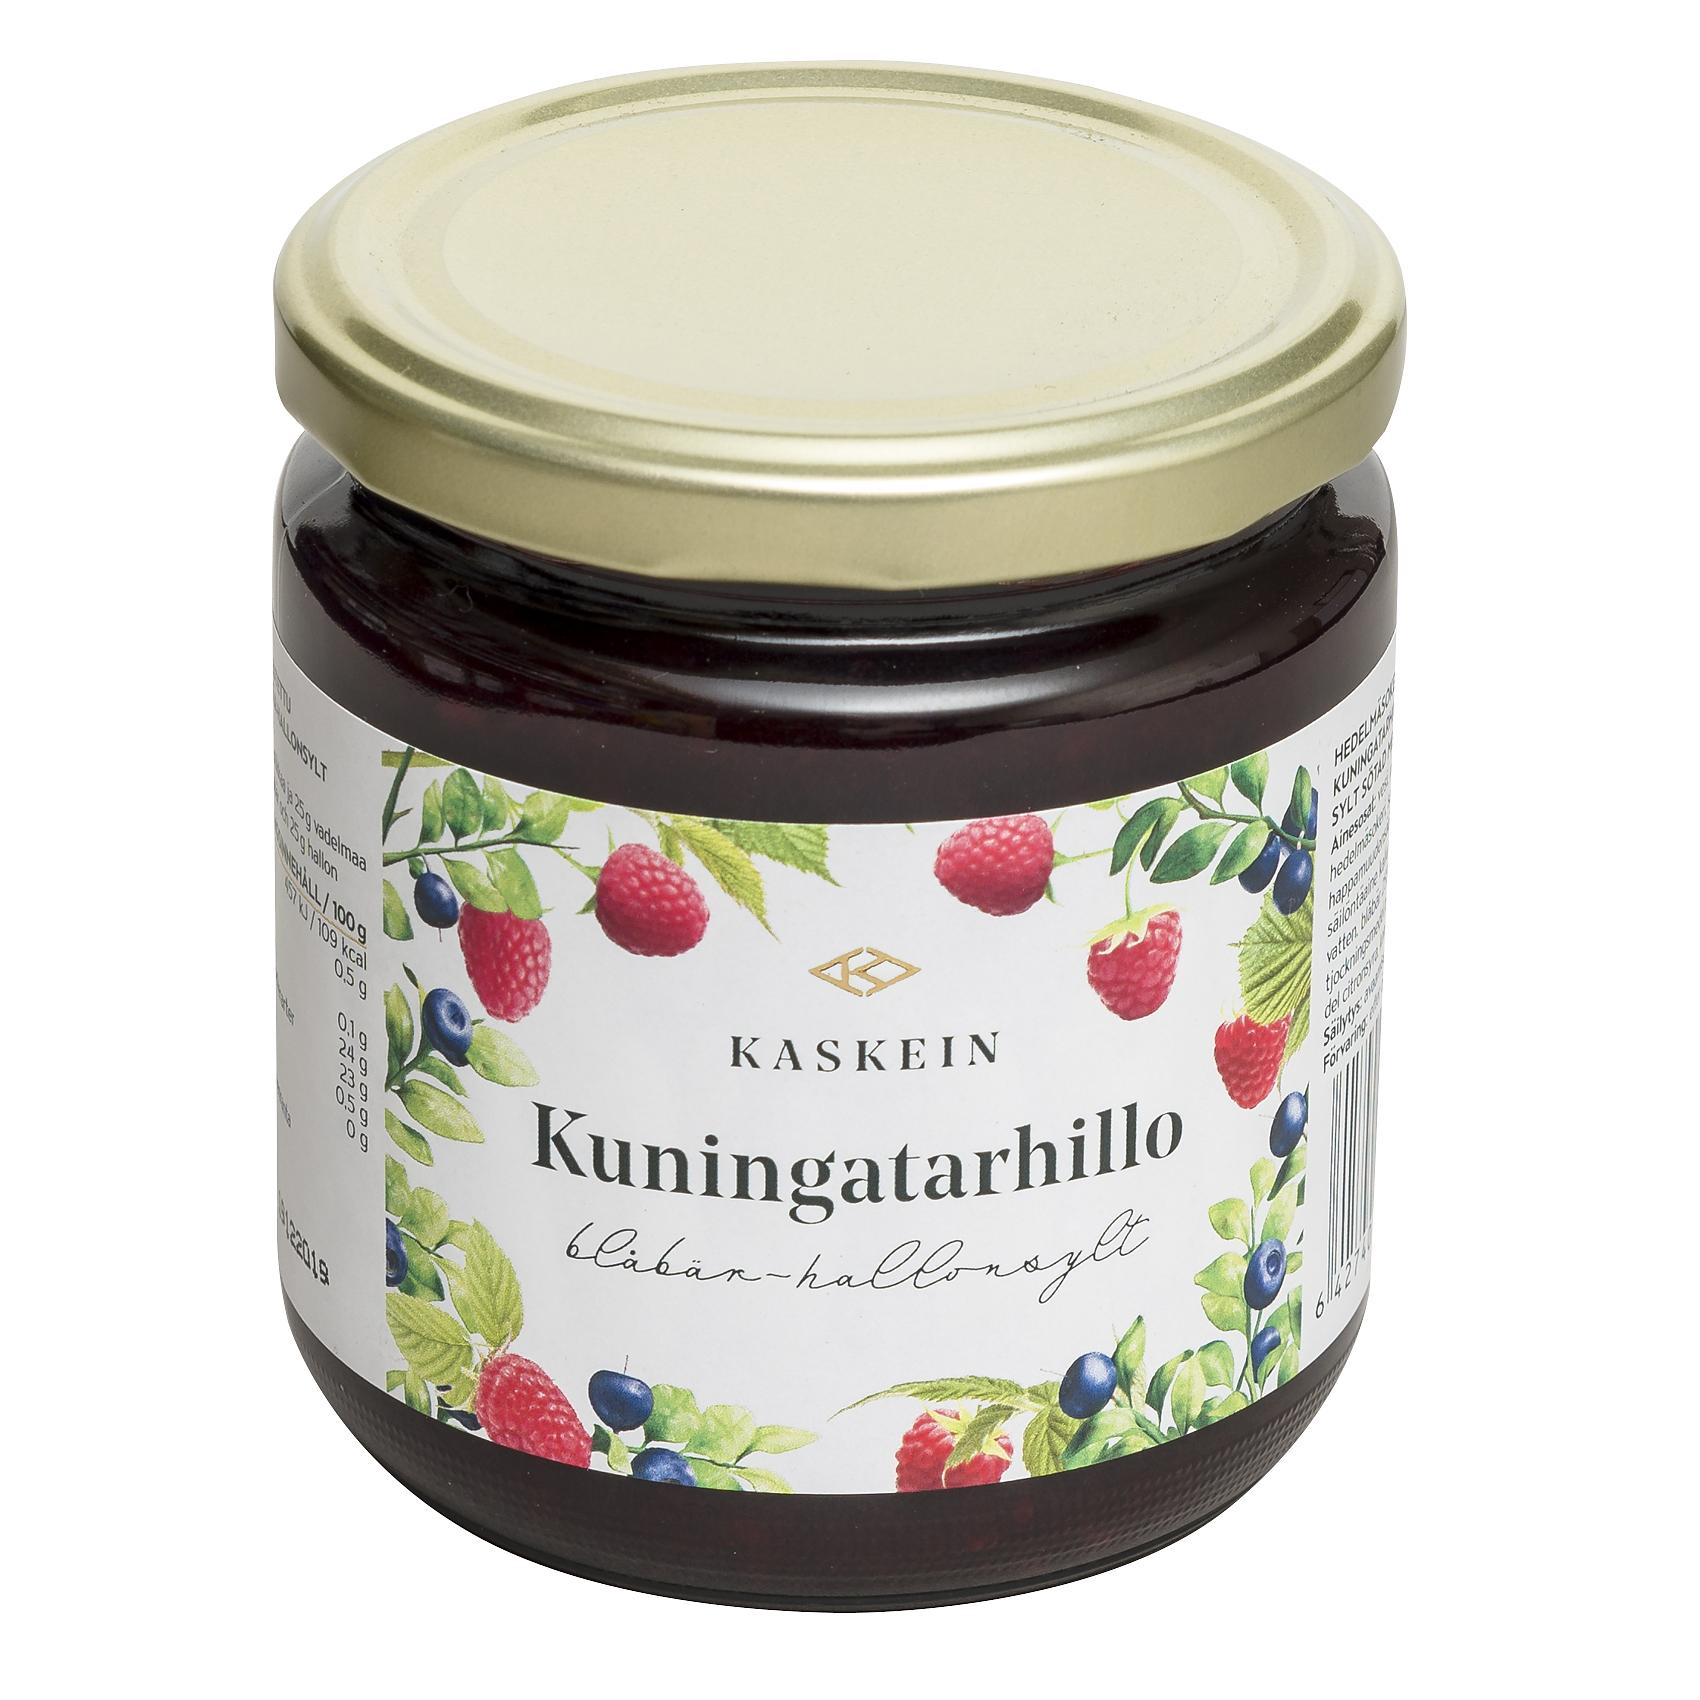 Bilberry-raspberry jam, 425 g